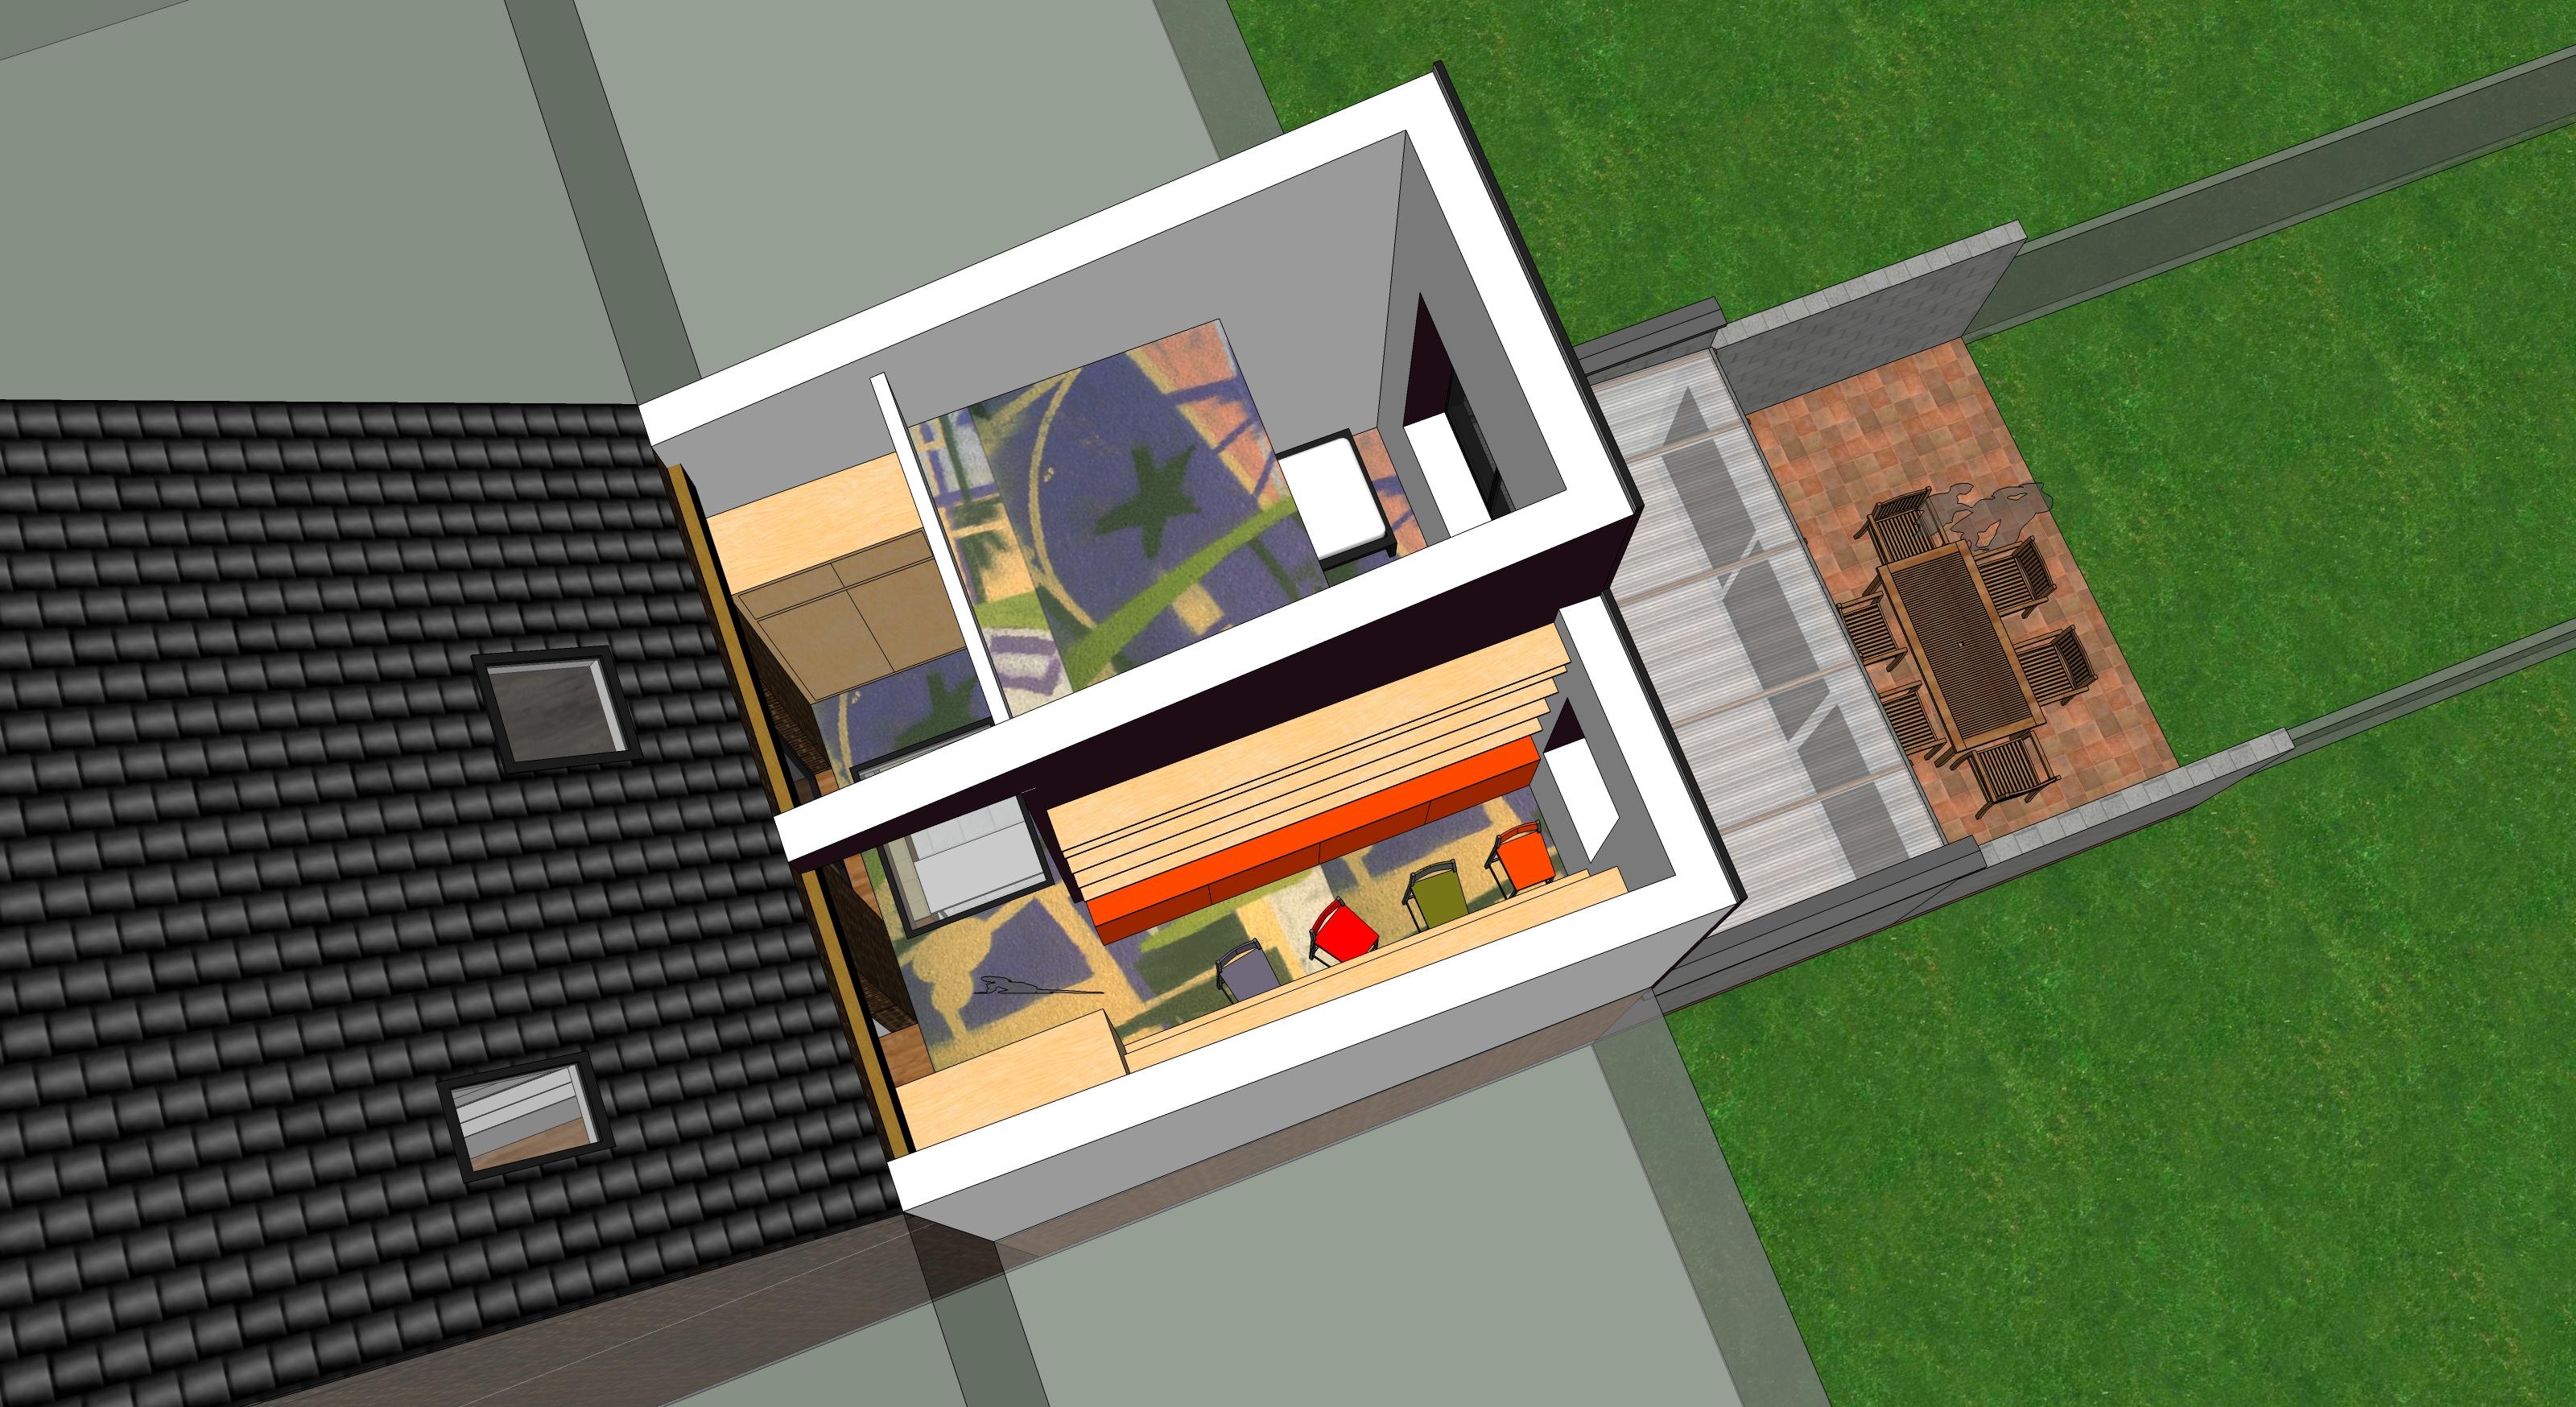 3D-MONFRONT-PROJET-V1-19-02-14-vue4